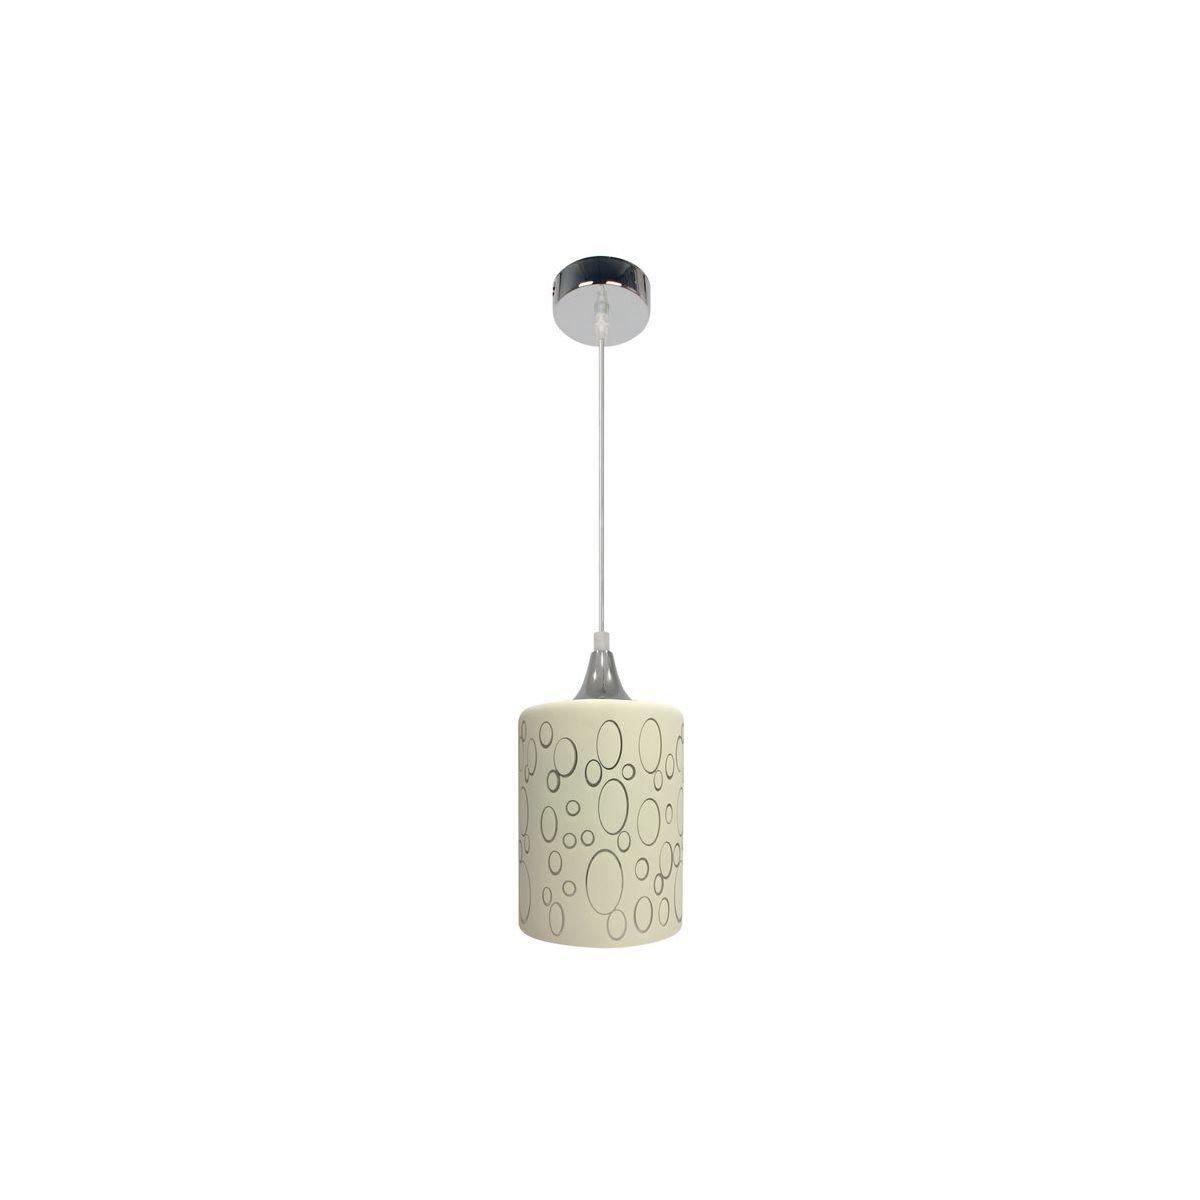 Lampa wisząca SAND 12 E27 -chrom